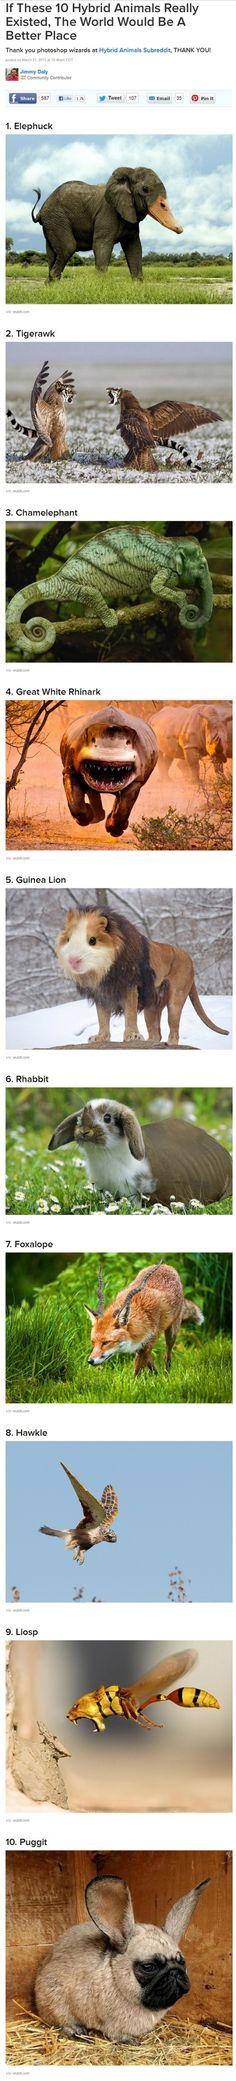 Evolution should make this happen…